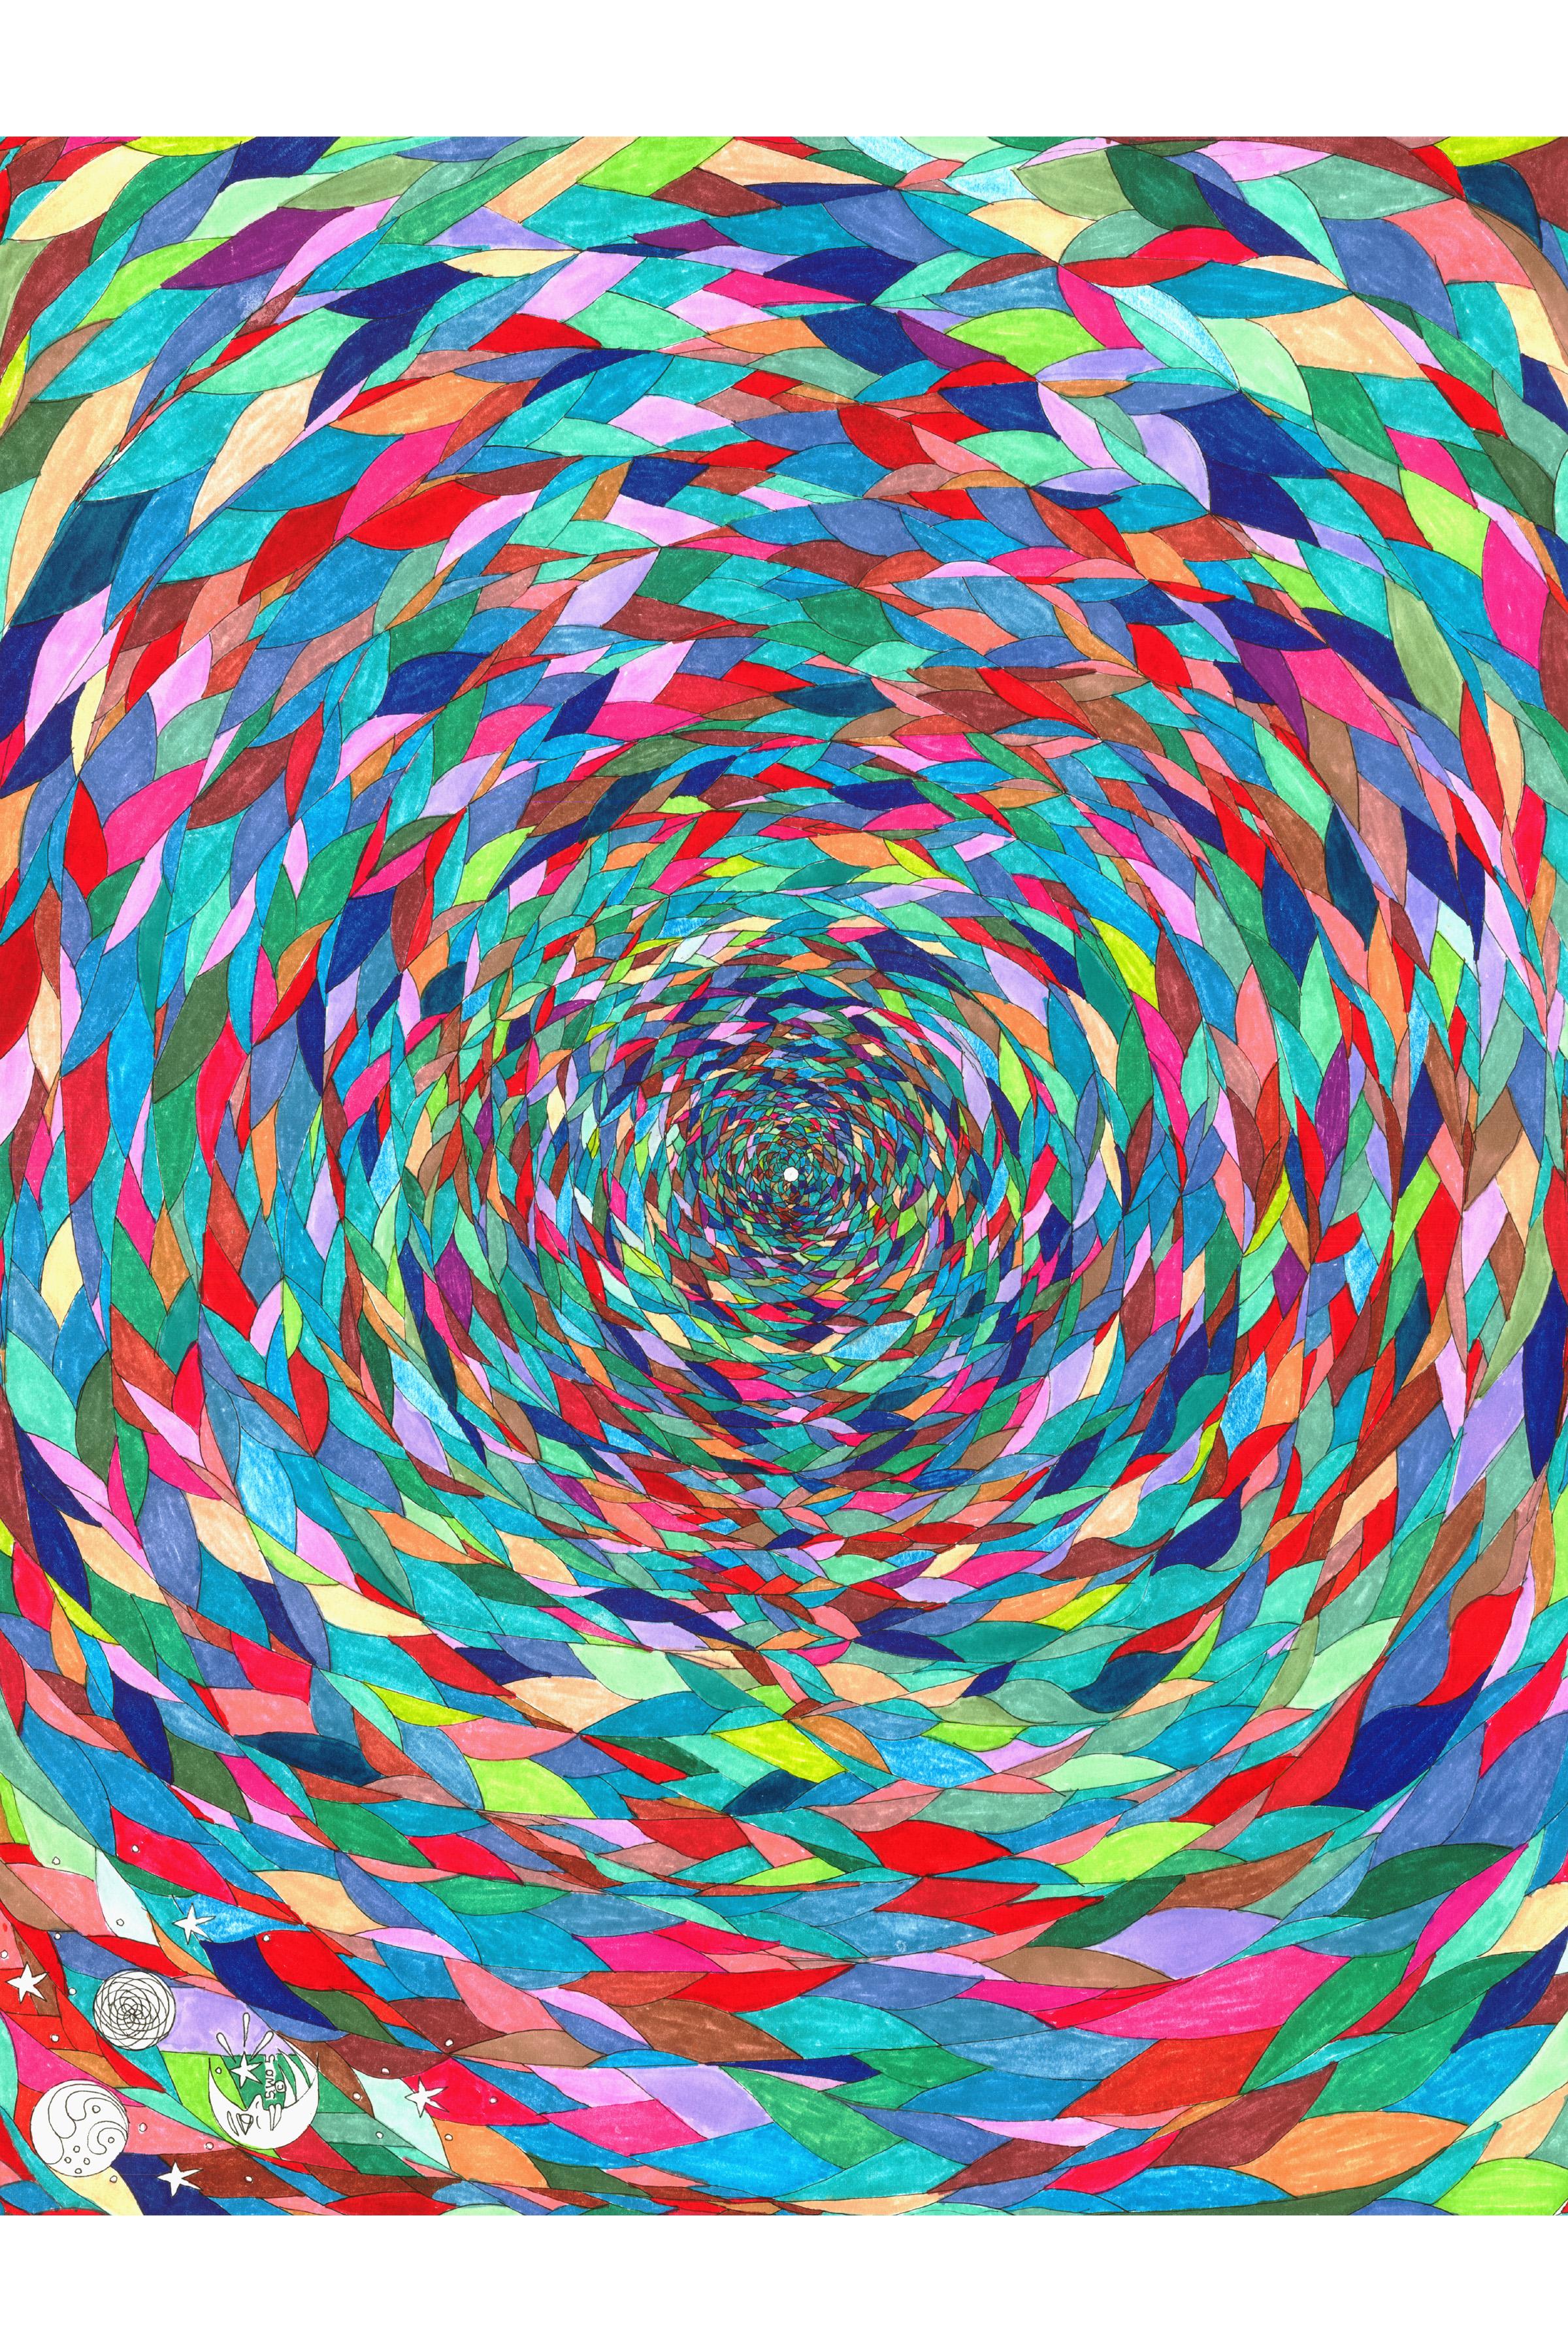 Art (79)